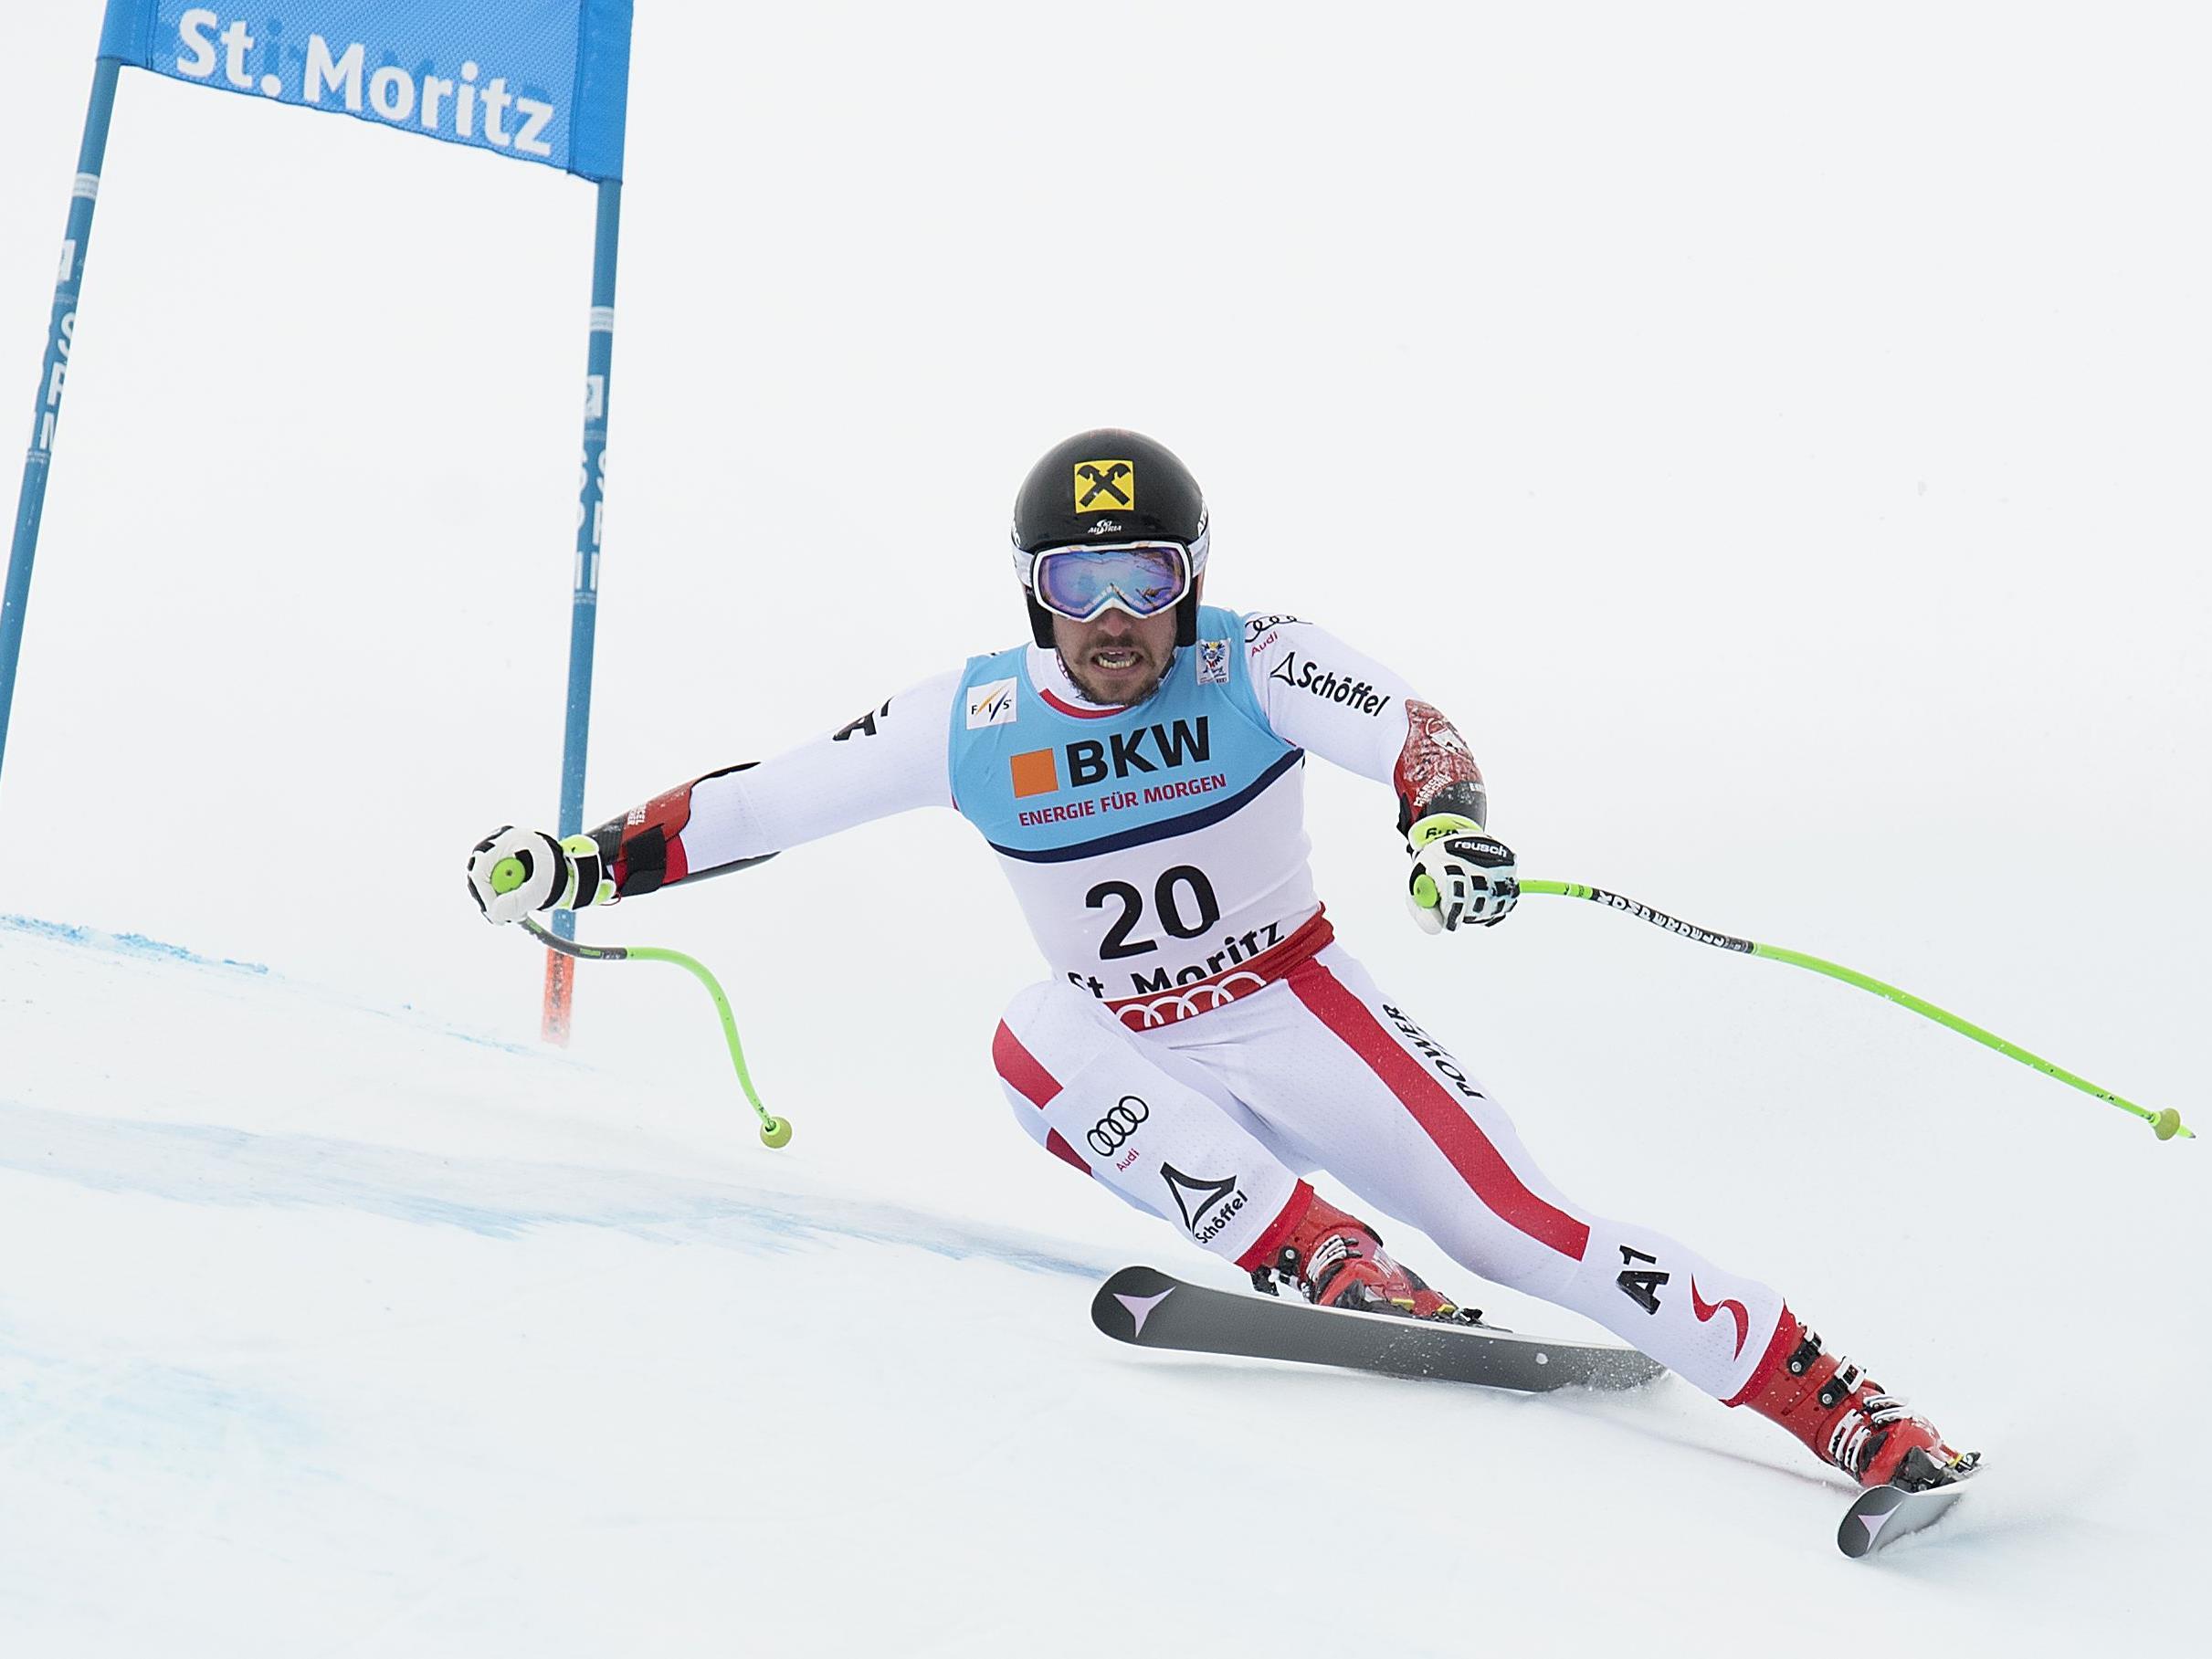 Wir berichten am Montag LIVE von der Super Kmmbination der Herren bei der Ski-WM.